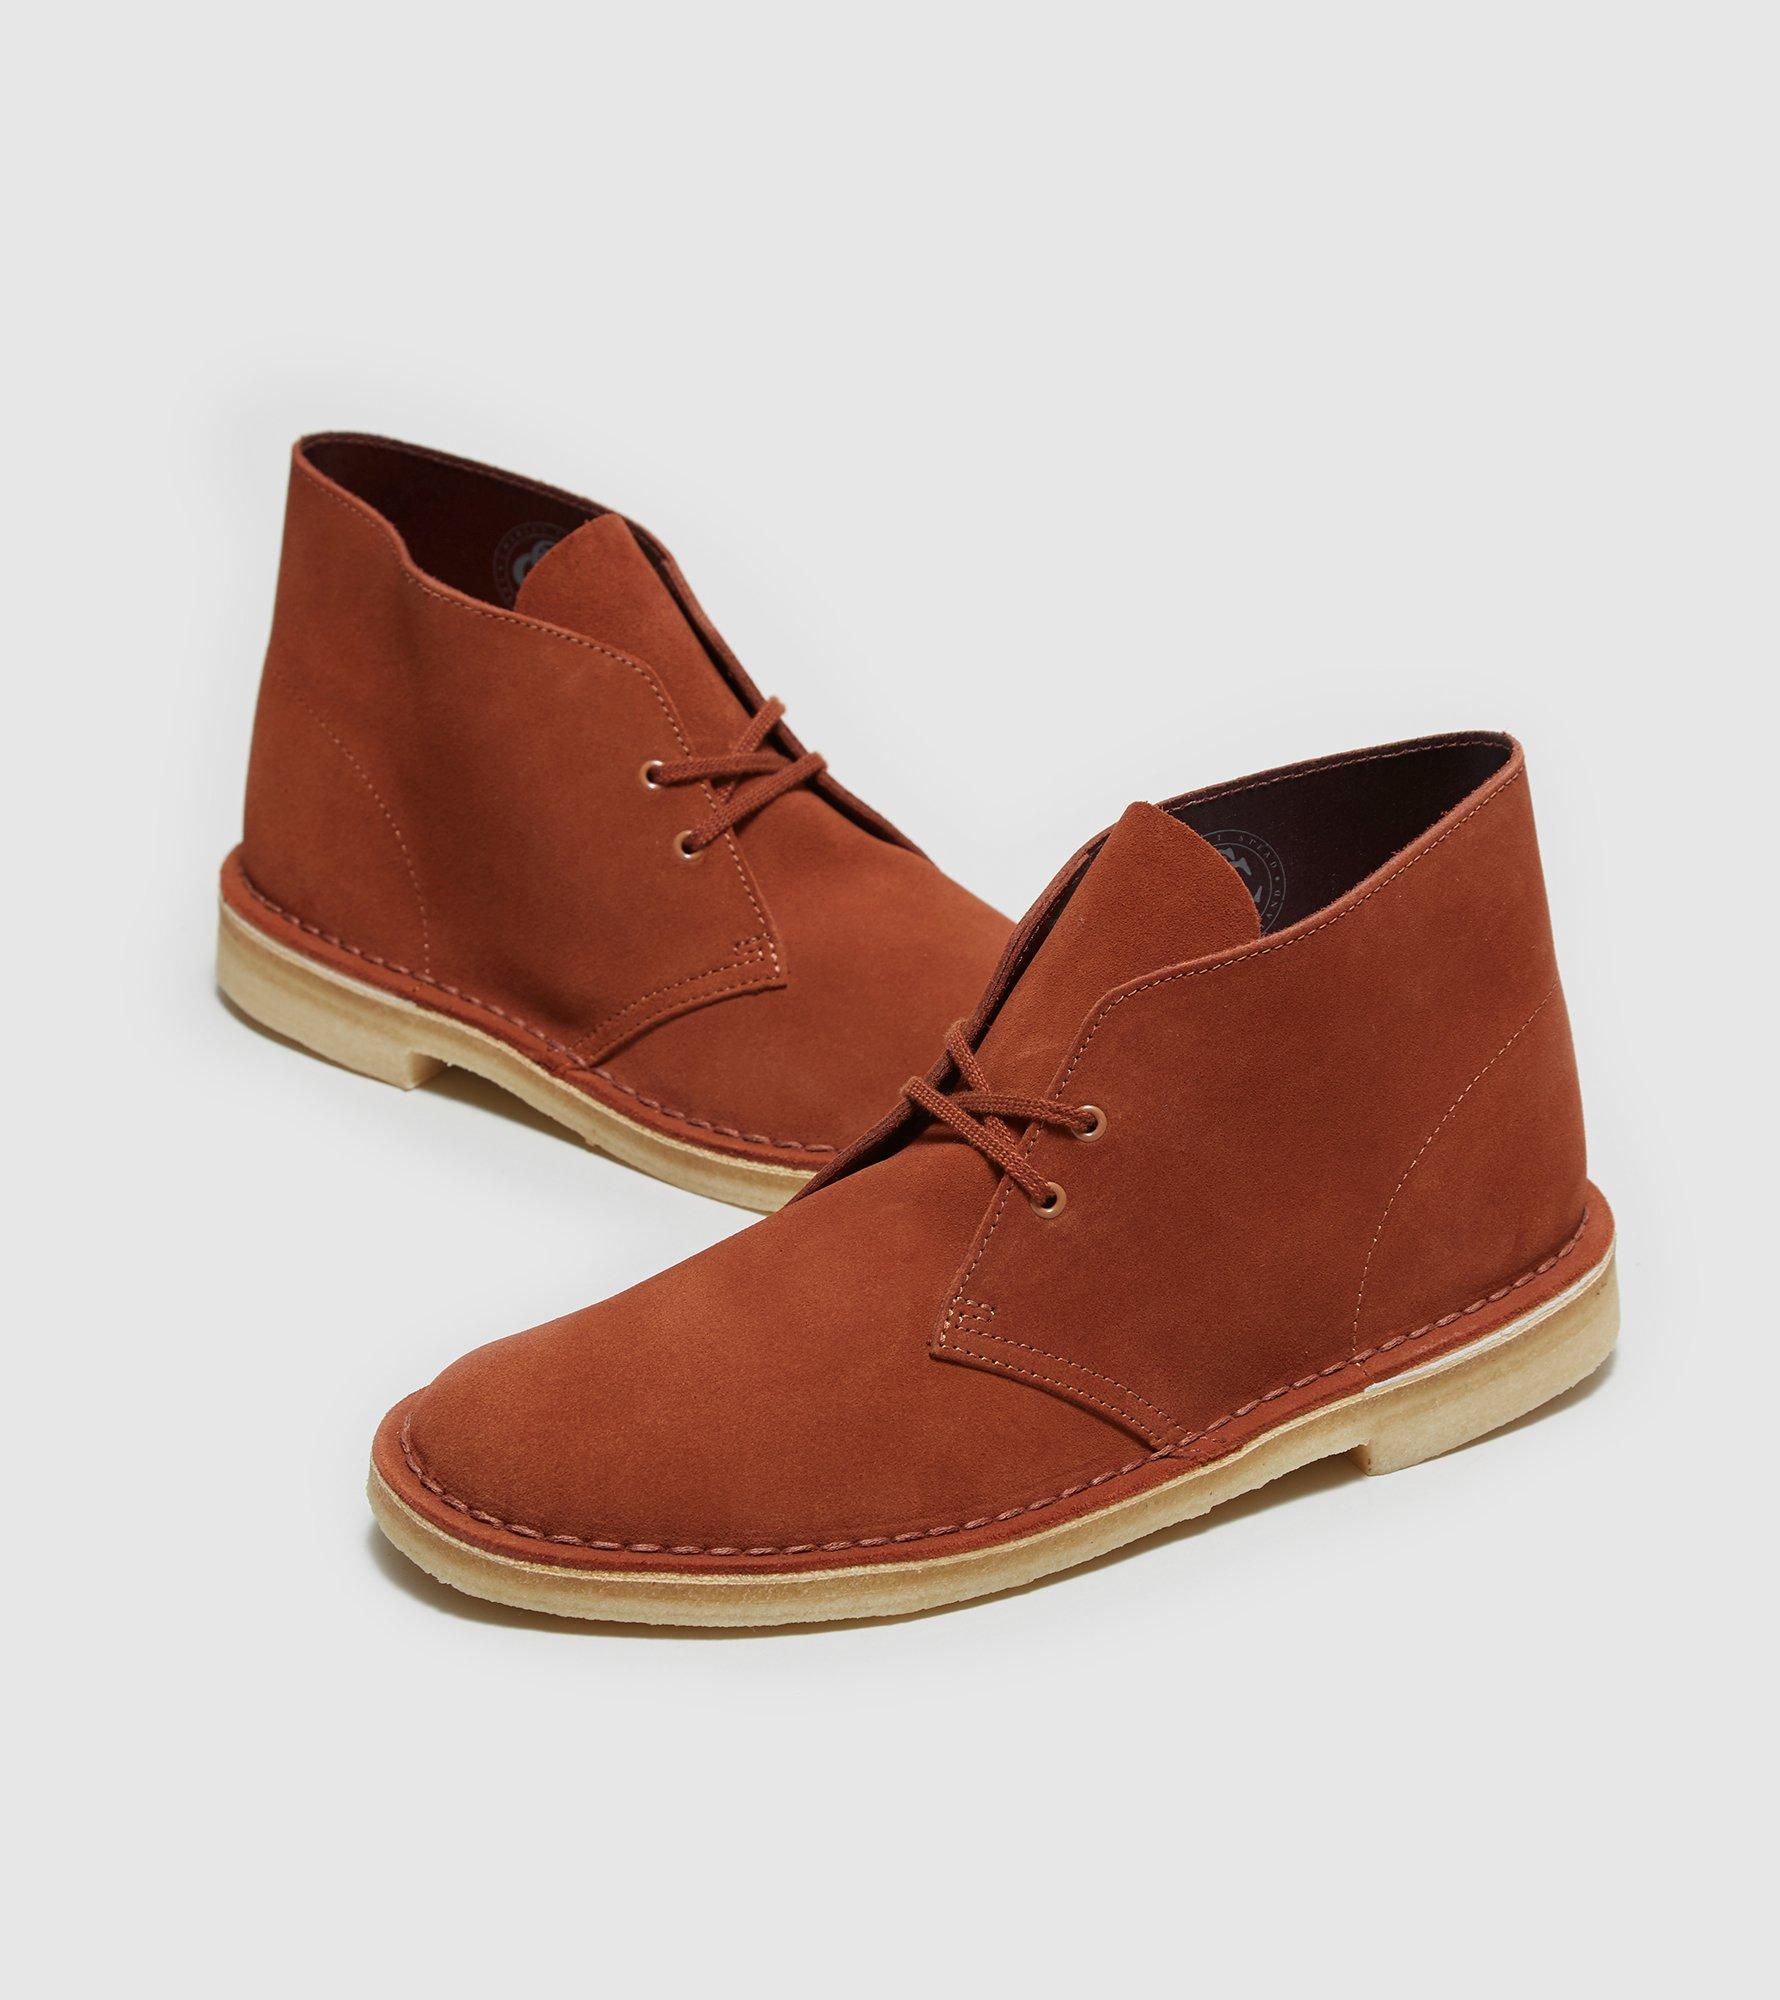 John Lewis Clarks Shoes Desert